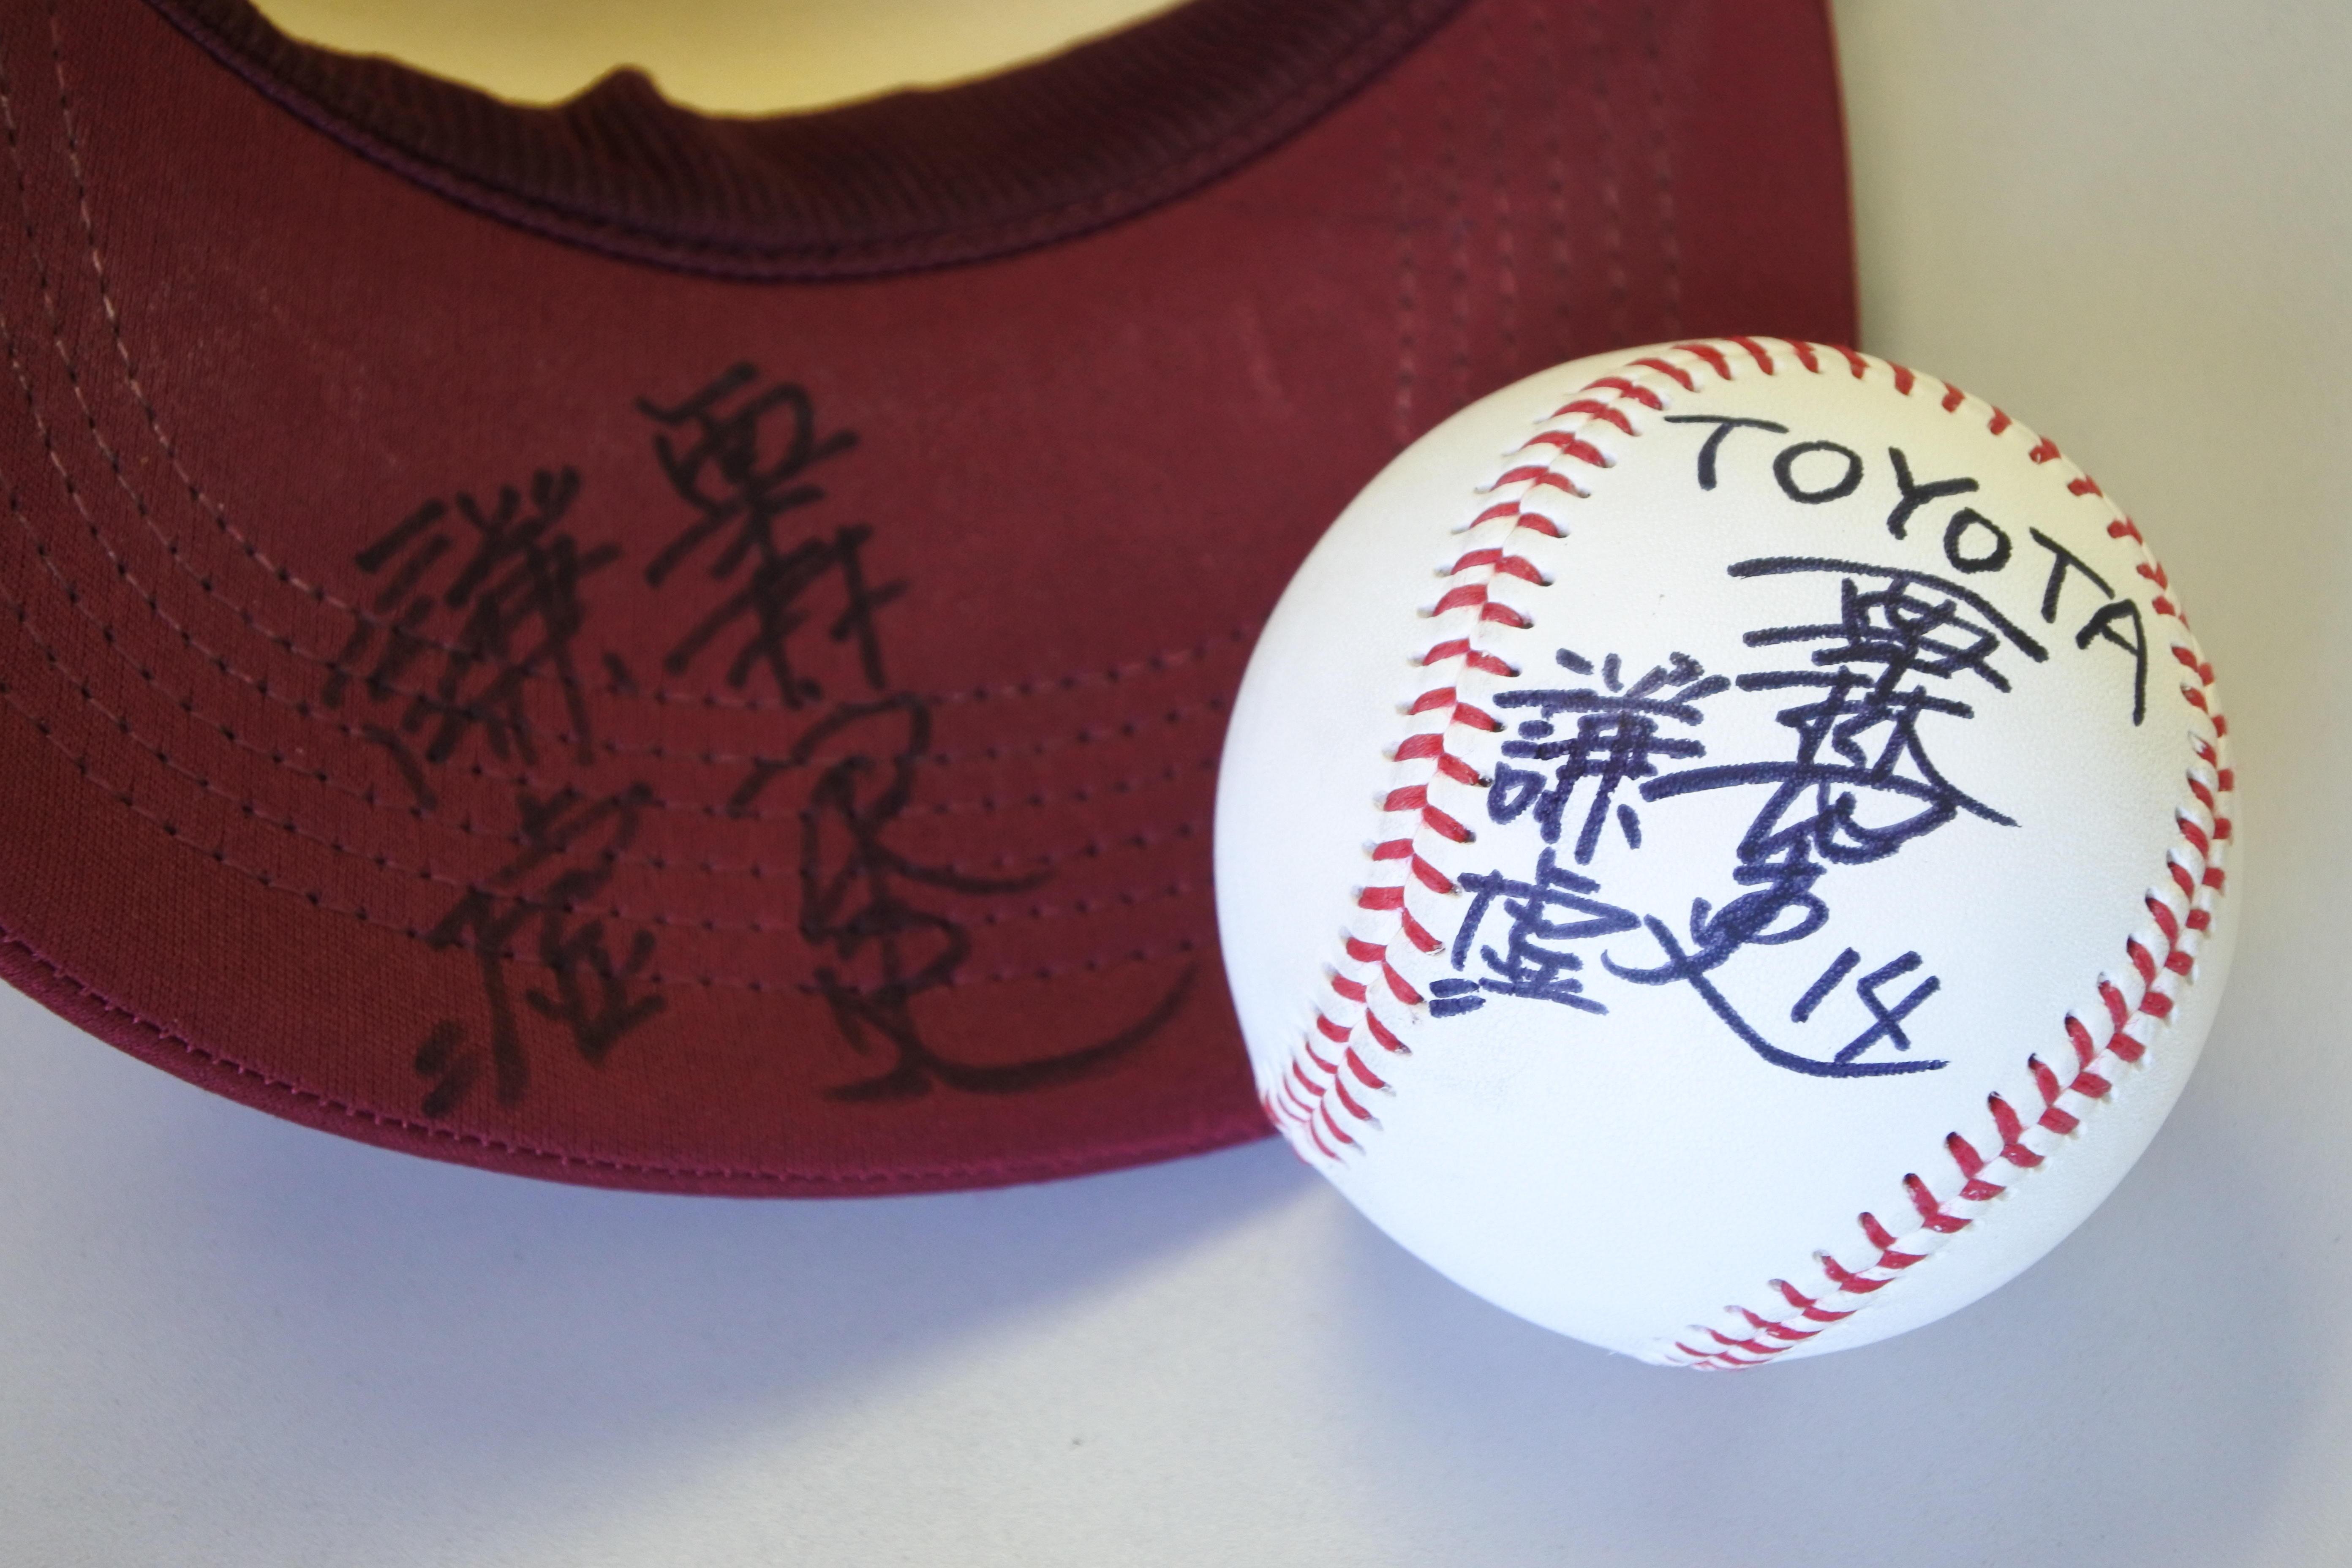 大学4年だった2018年に書いた「謙虚」のサイン(左)と今回のサインボール(右)